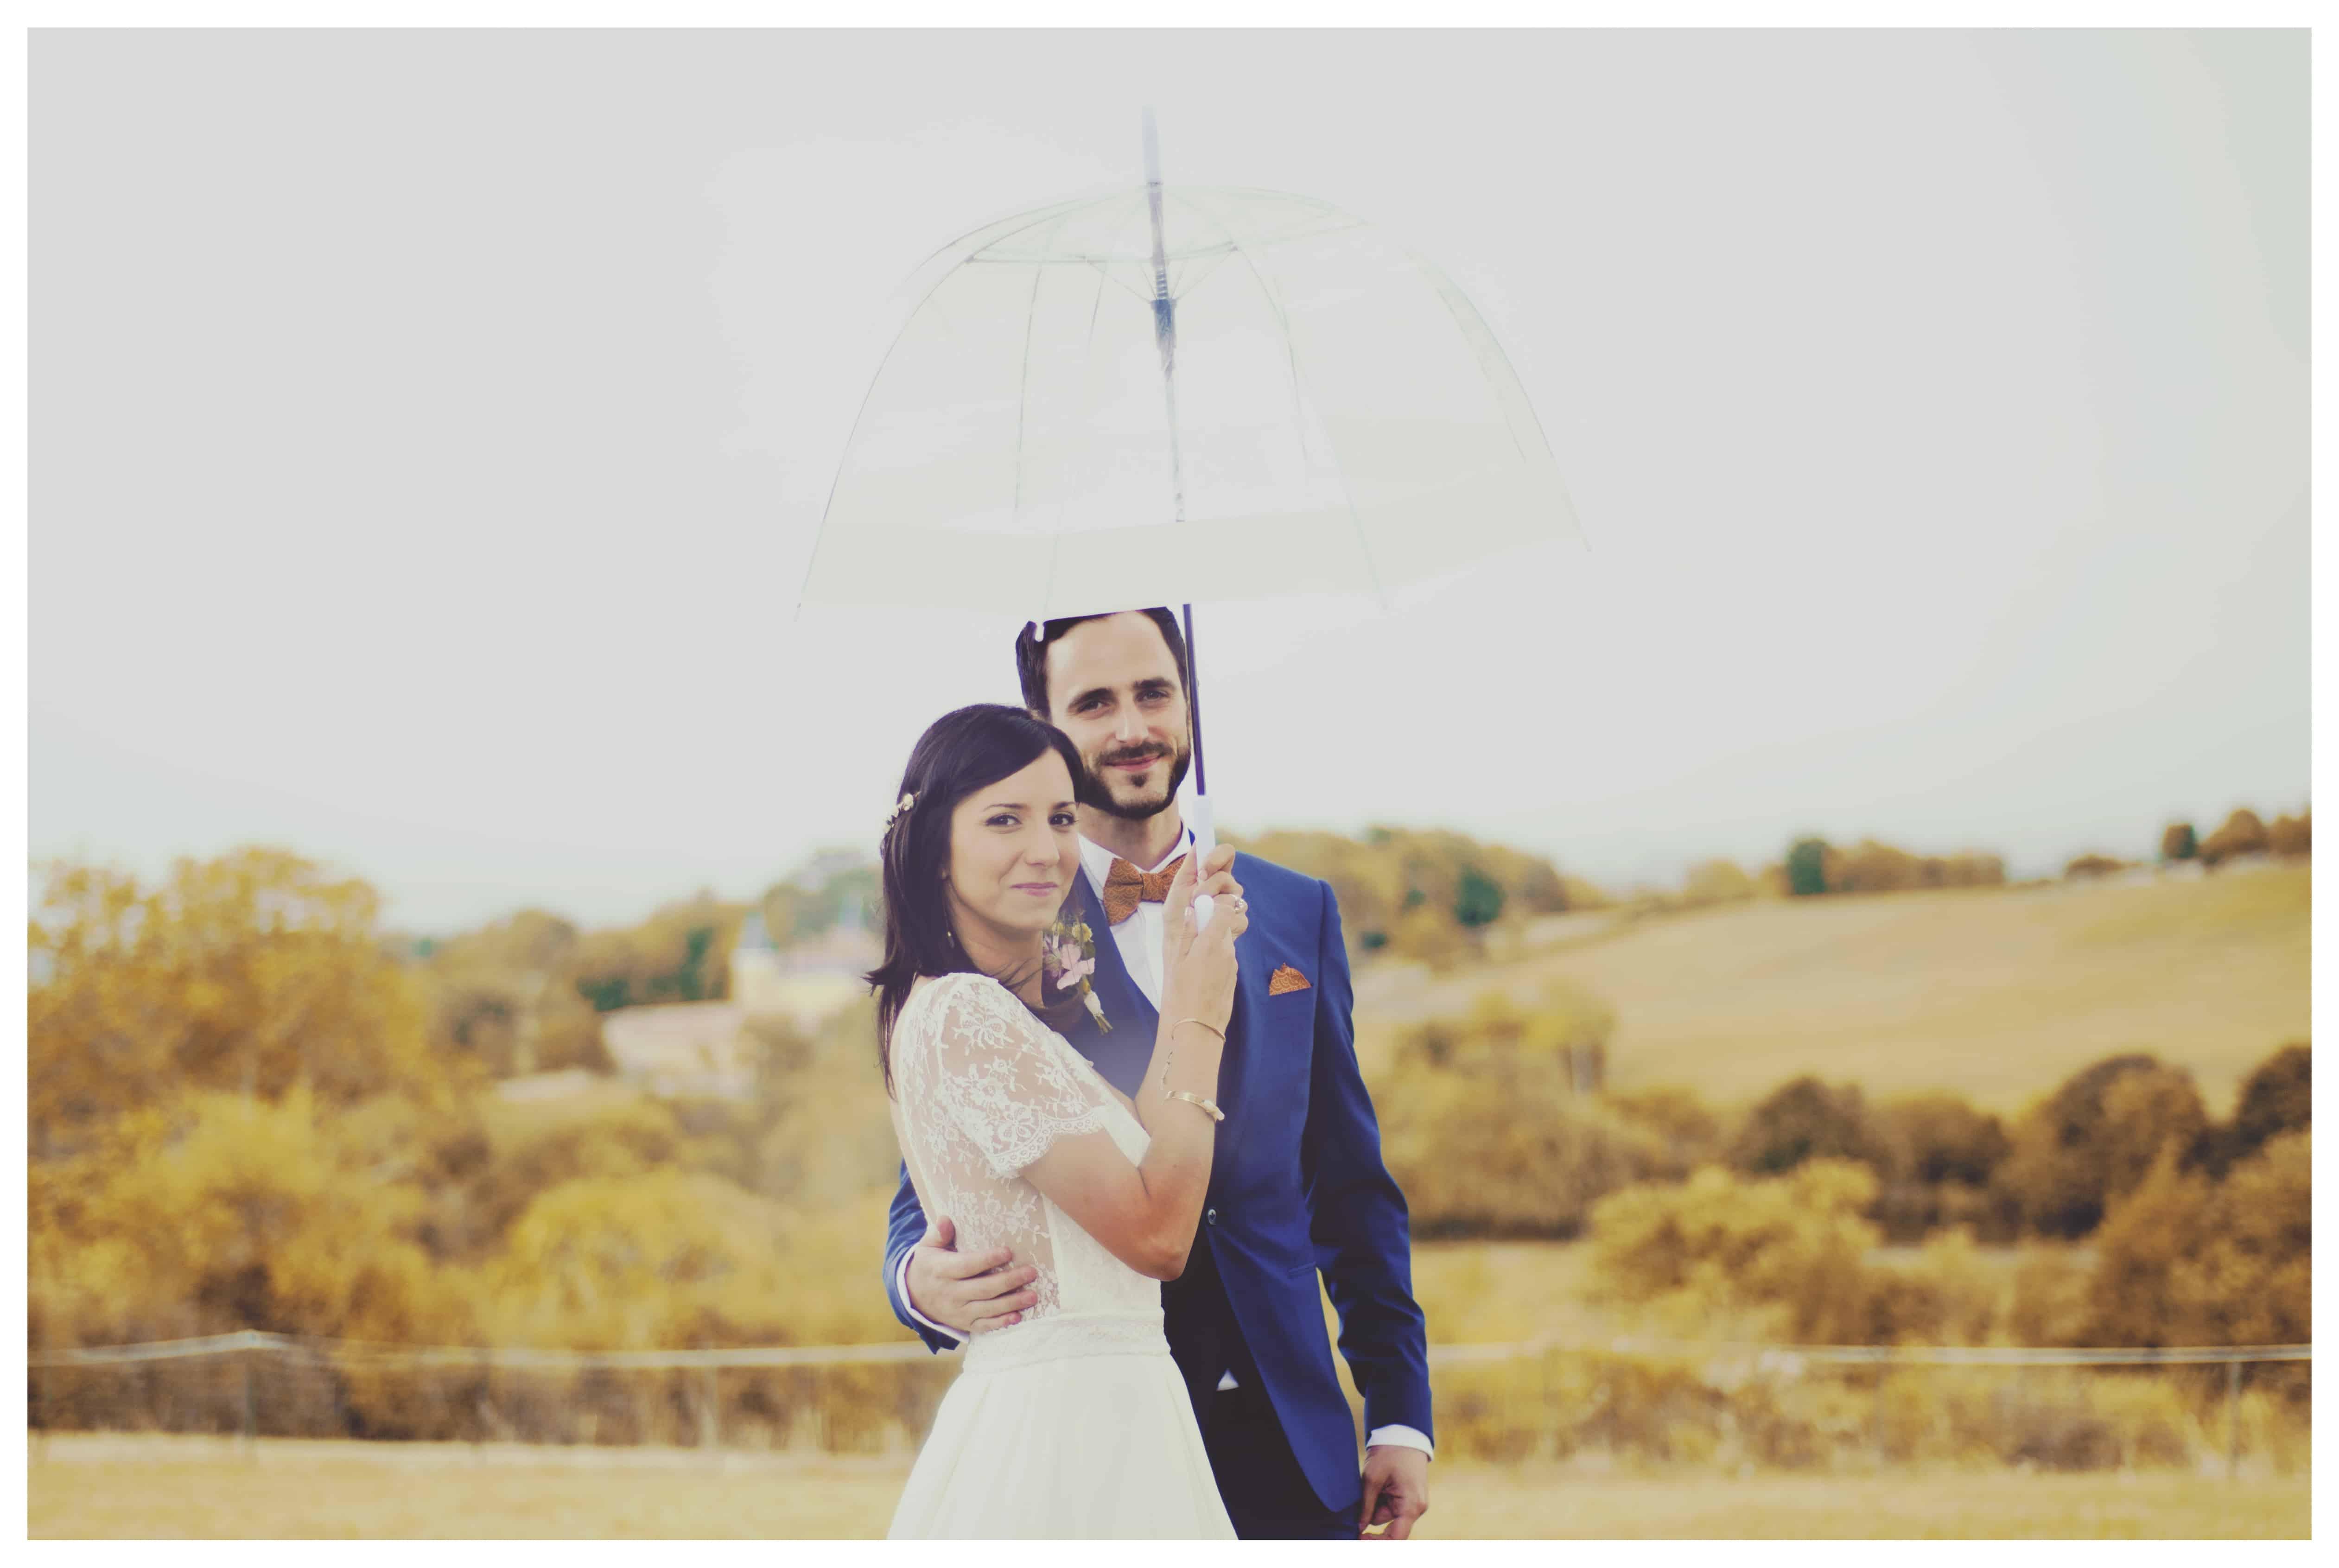 Laetitia et Guillaume, un joli mariage aux couleurs automnales